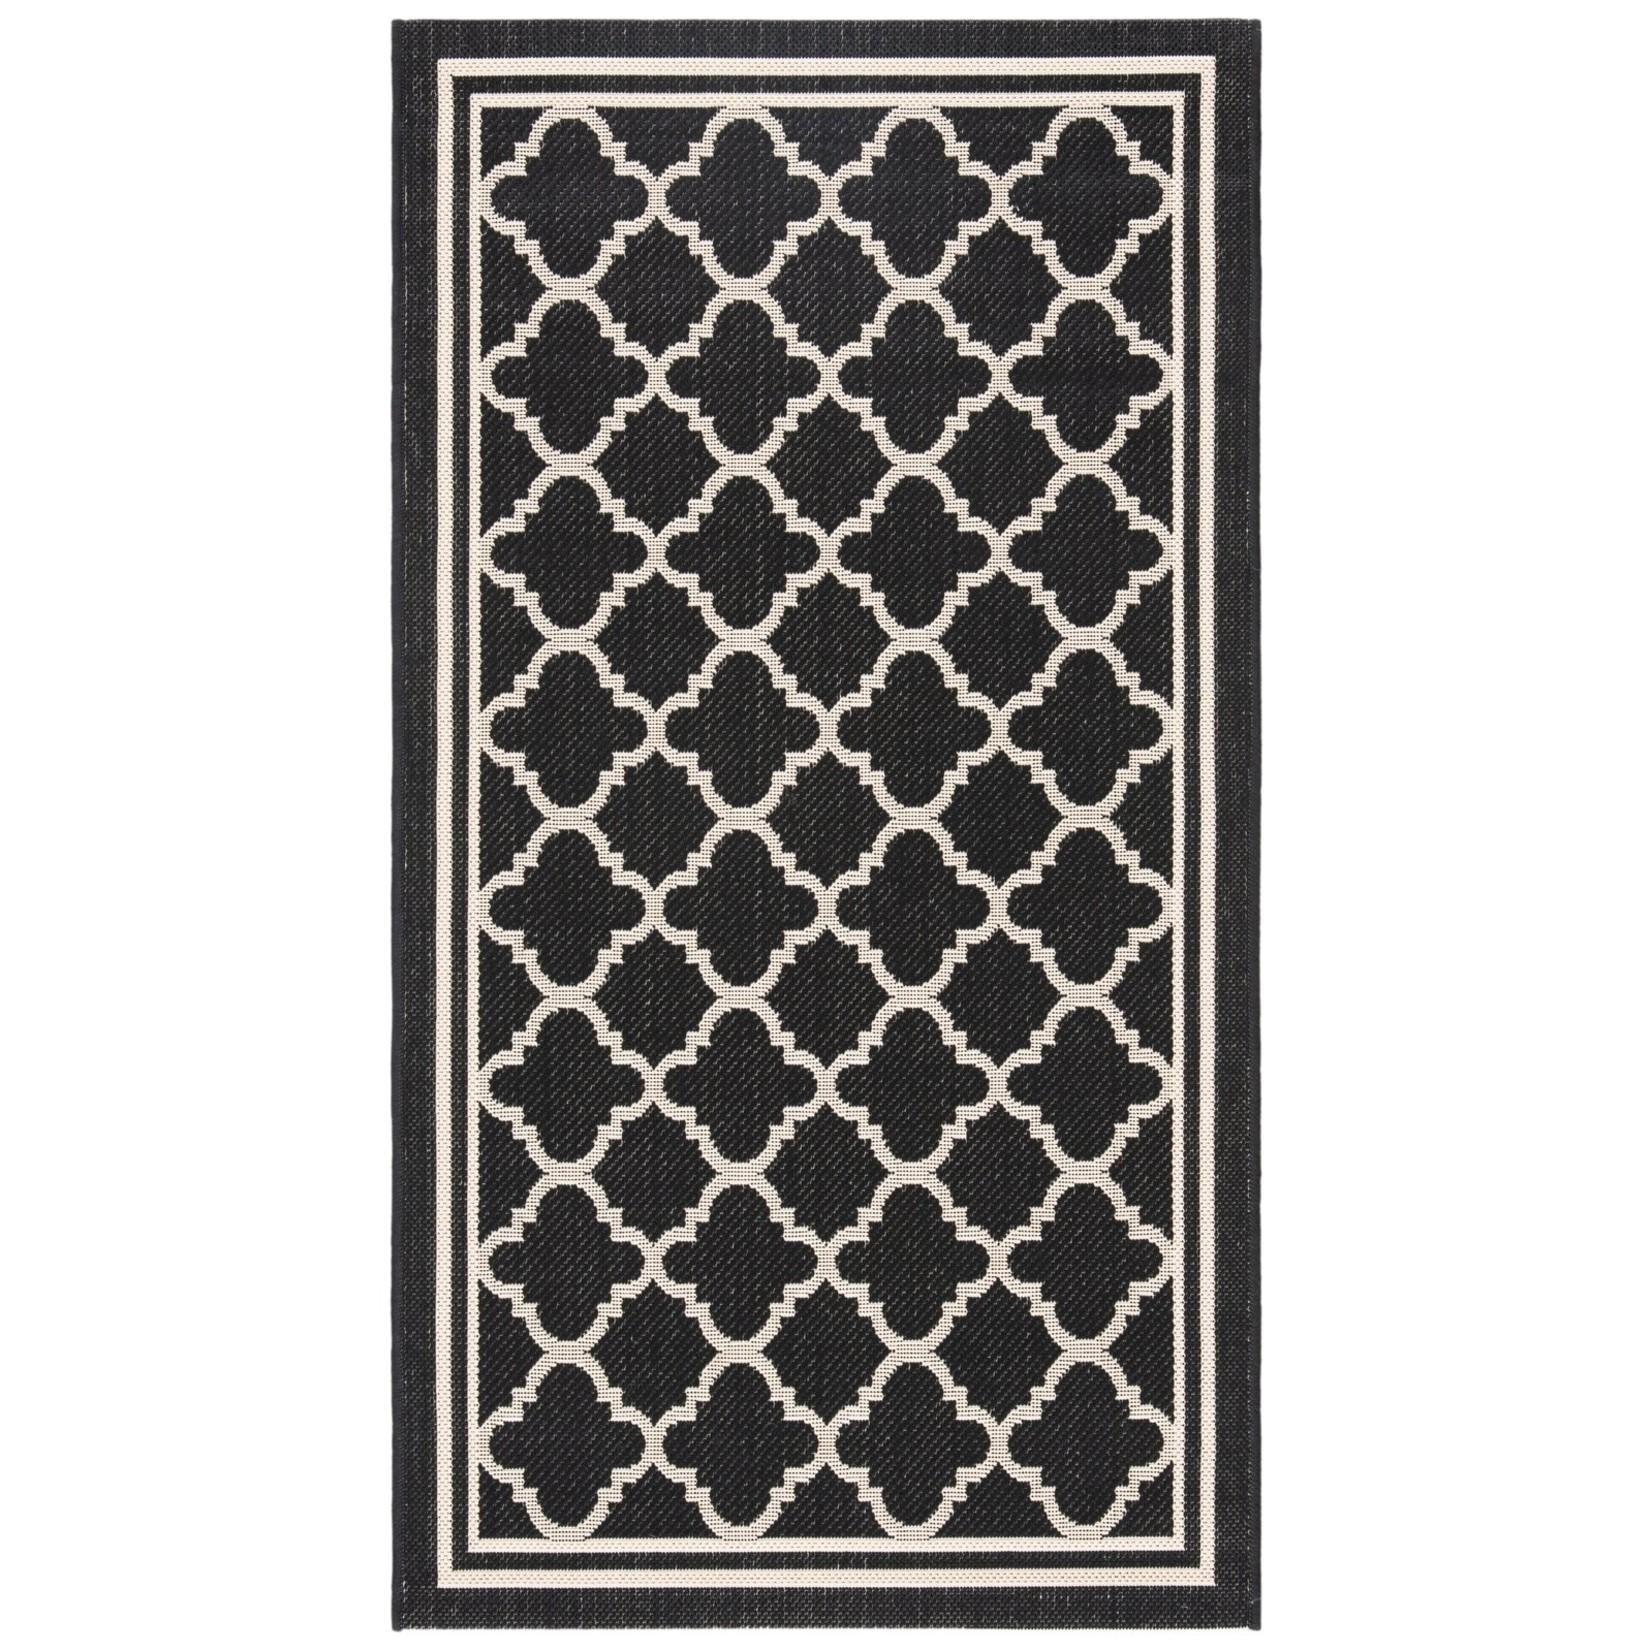 *2'3 x 8' -  Herefordshire Geometric Black/Beige Indoor/Outdoor Area Rug